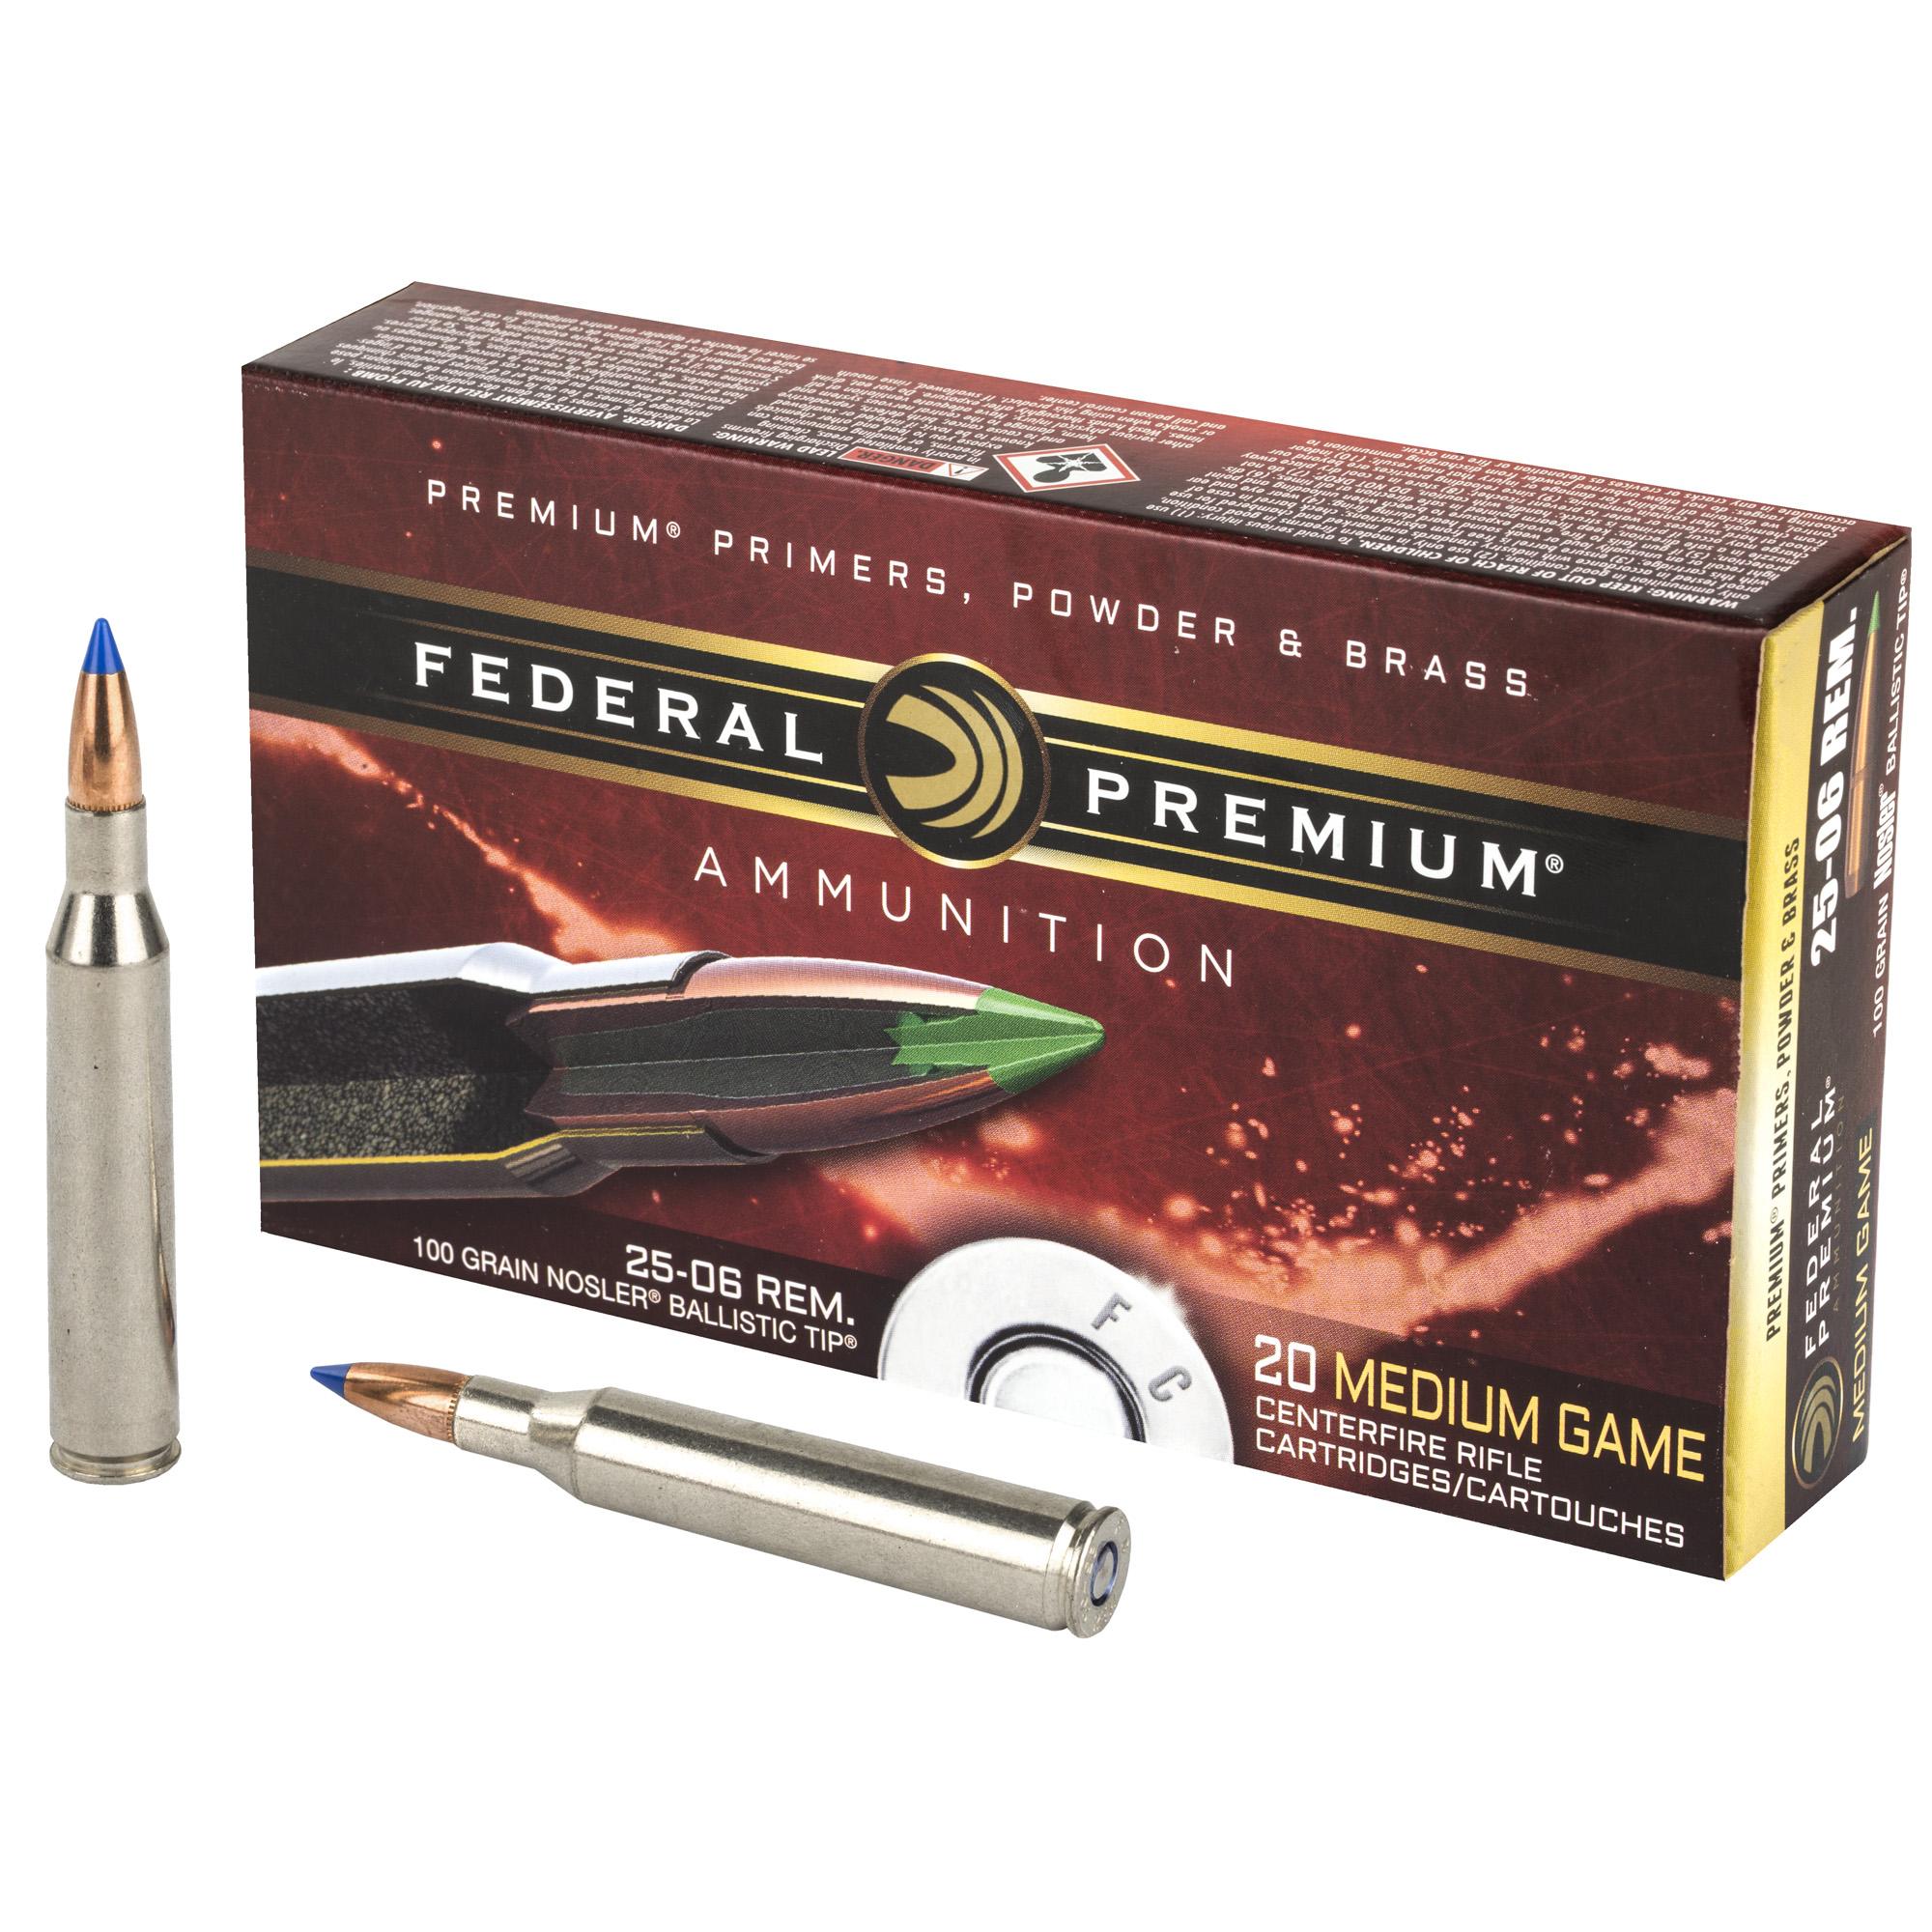 Fed Prm 25-06 100gr Blstc Tip 20/200